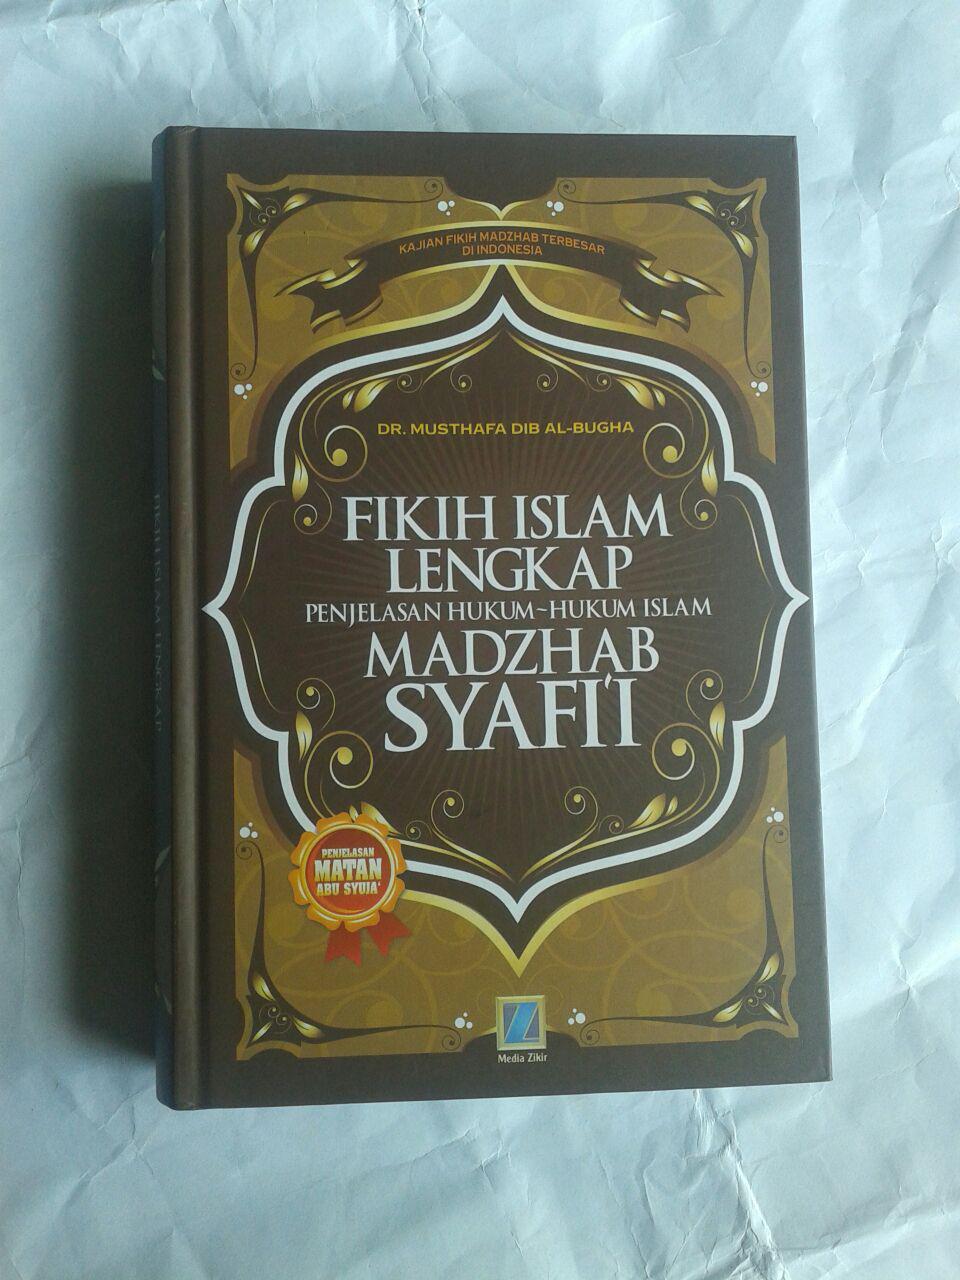 Buku Fikih Islam Lengkap Penjelasan Hukum Hukum Islam Madzhab Syafi'i cover 2